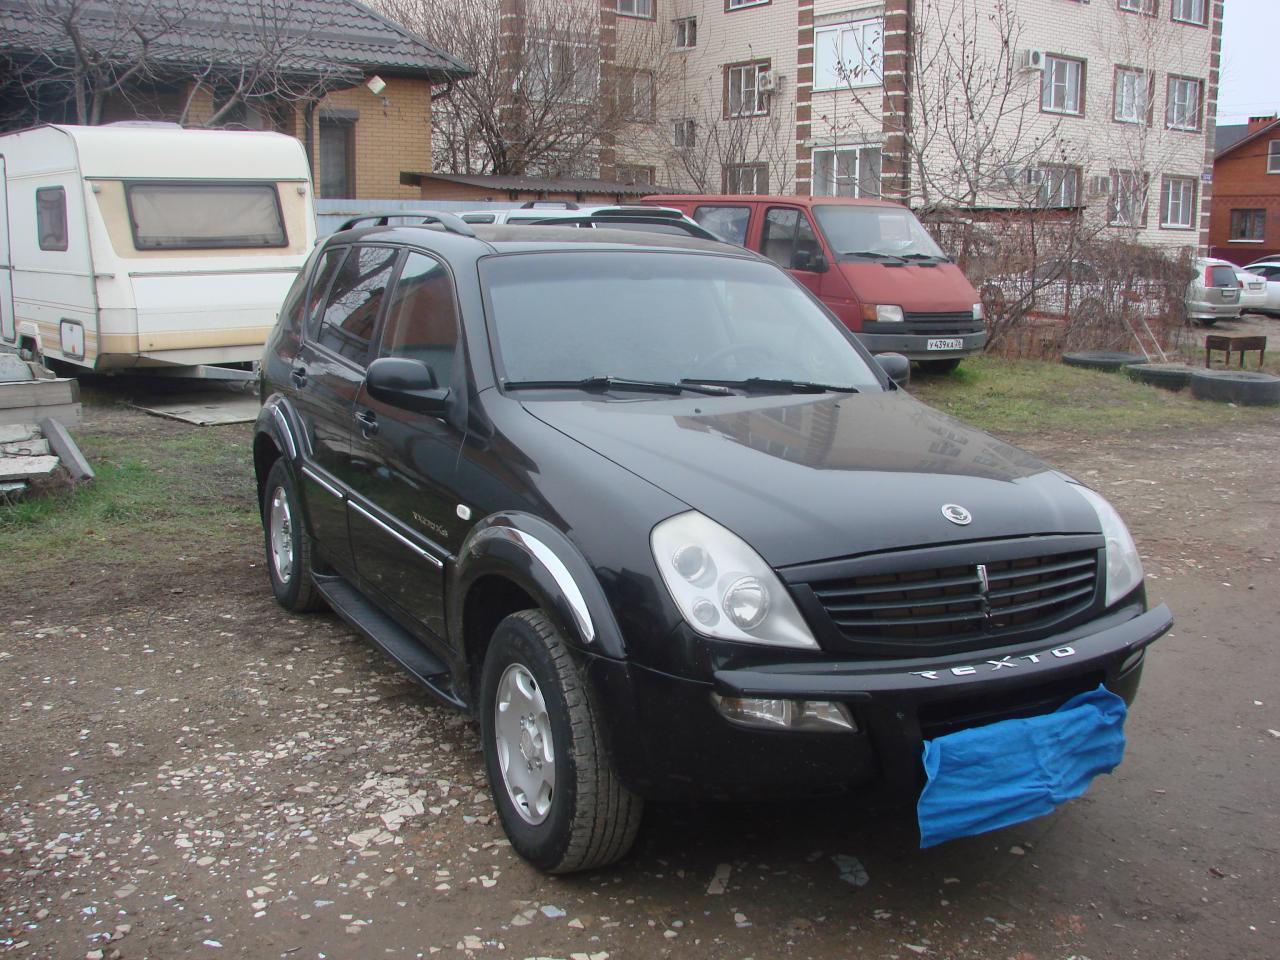 Ssang Yong Rexton 2006 г.в. г.Краснодар - фото 2